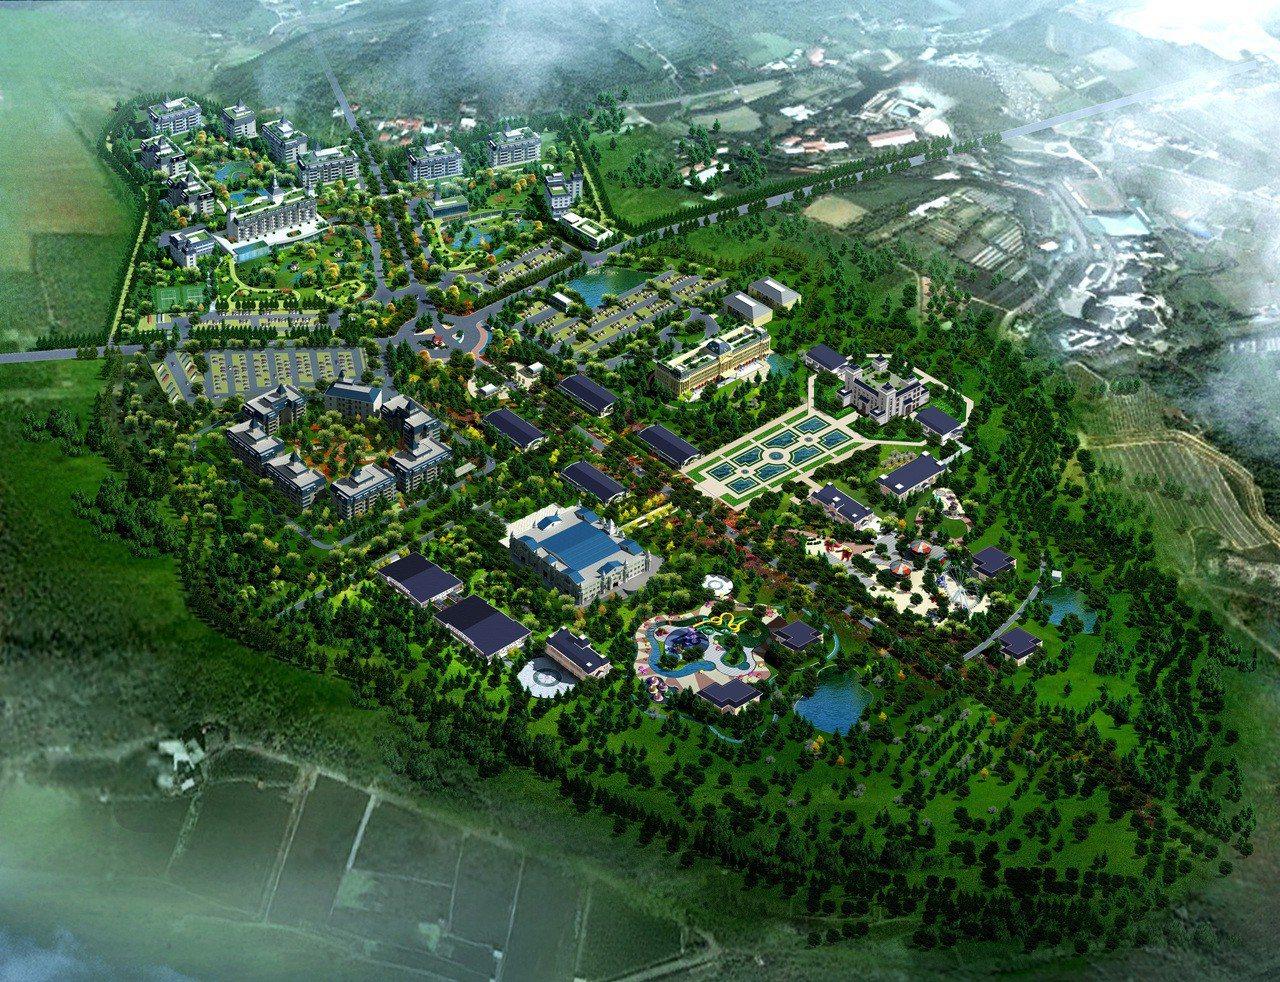 交通部已同意「南投埔里赤崁頂遊樂區開發案」計畫,這塊鄰近中台禪寺的5筆用地達44...